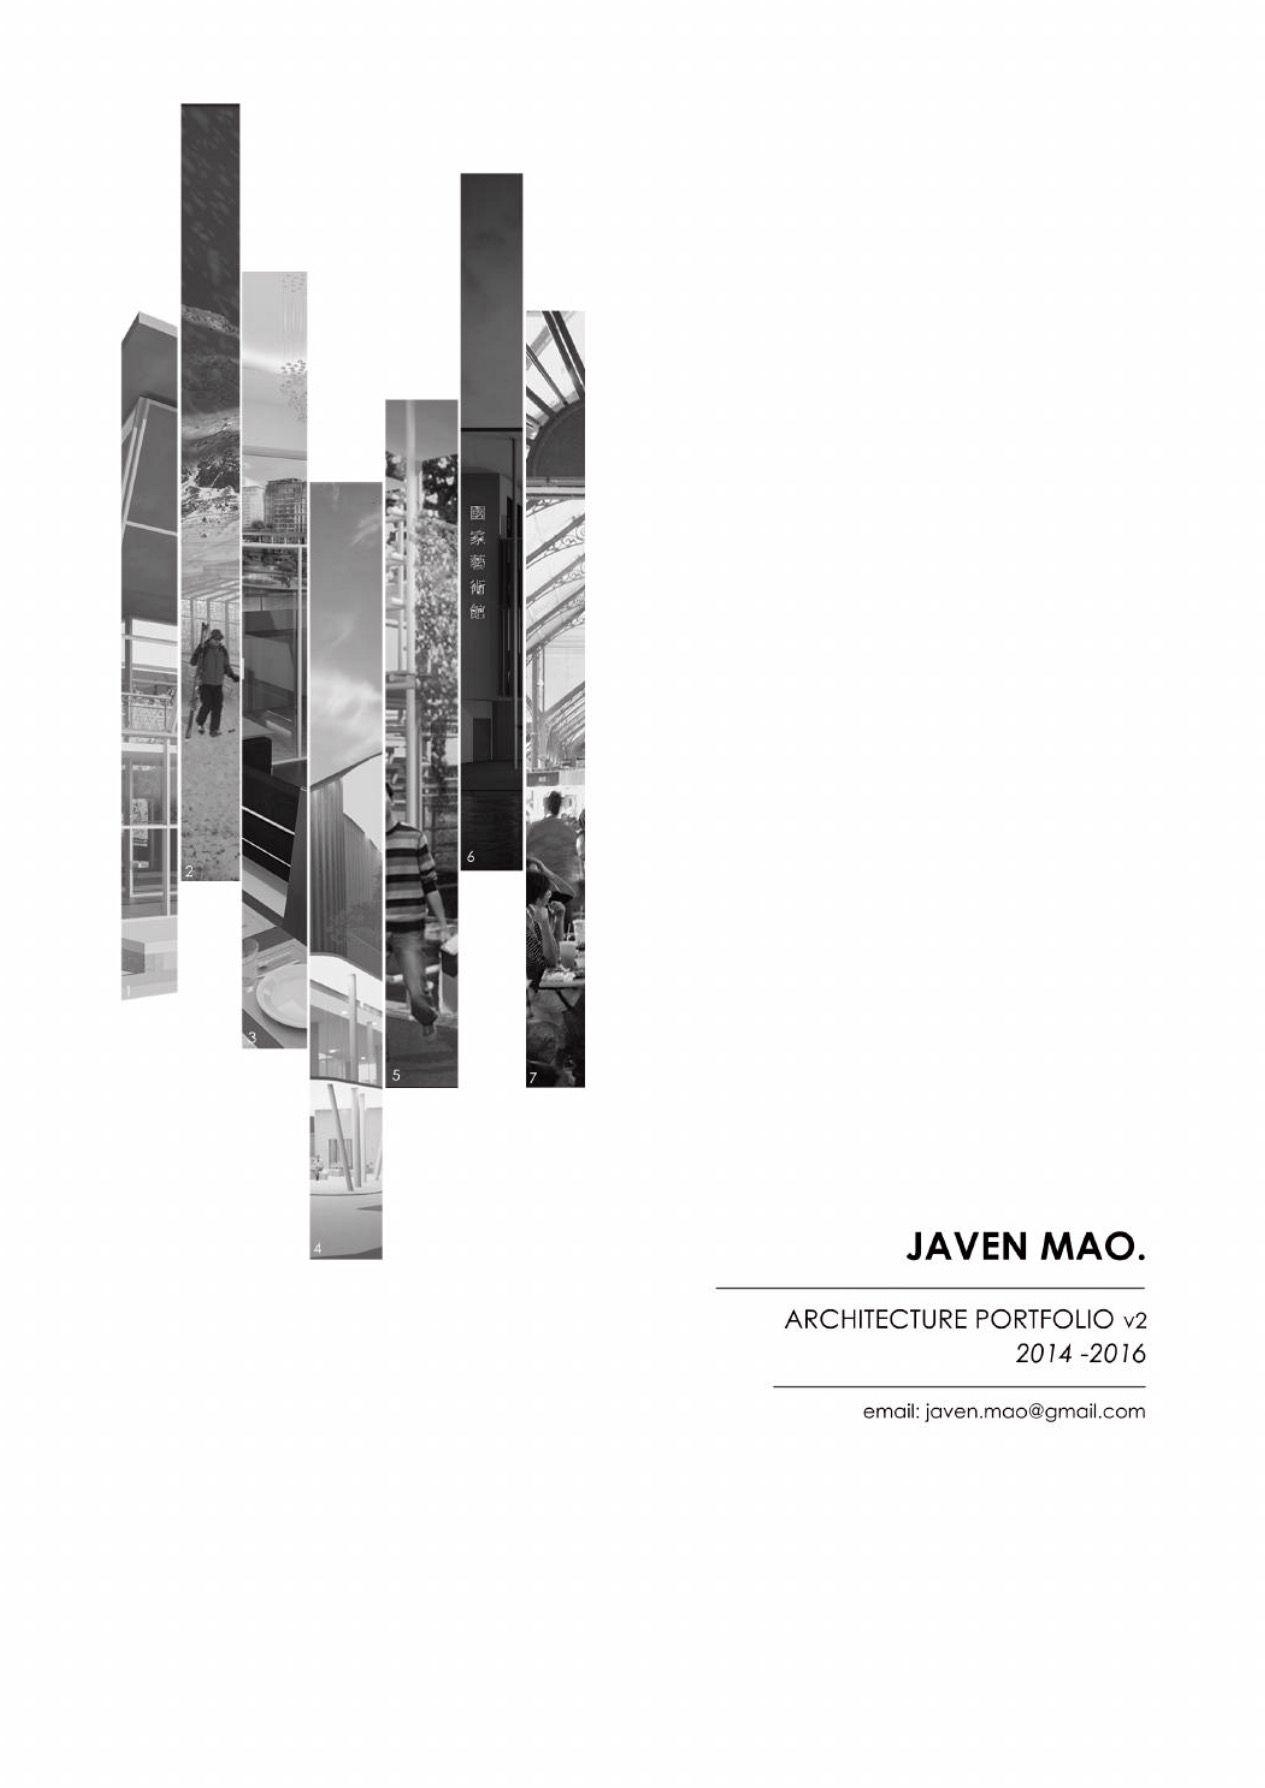 portfolio 2015 architecture portfolio cincinnati and columbia